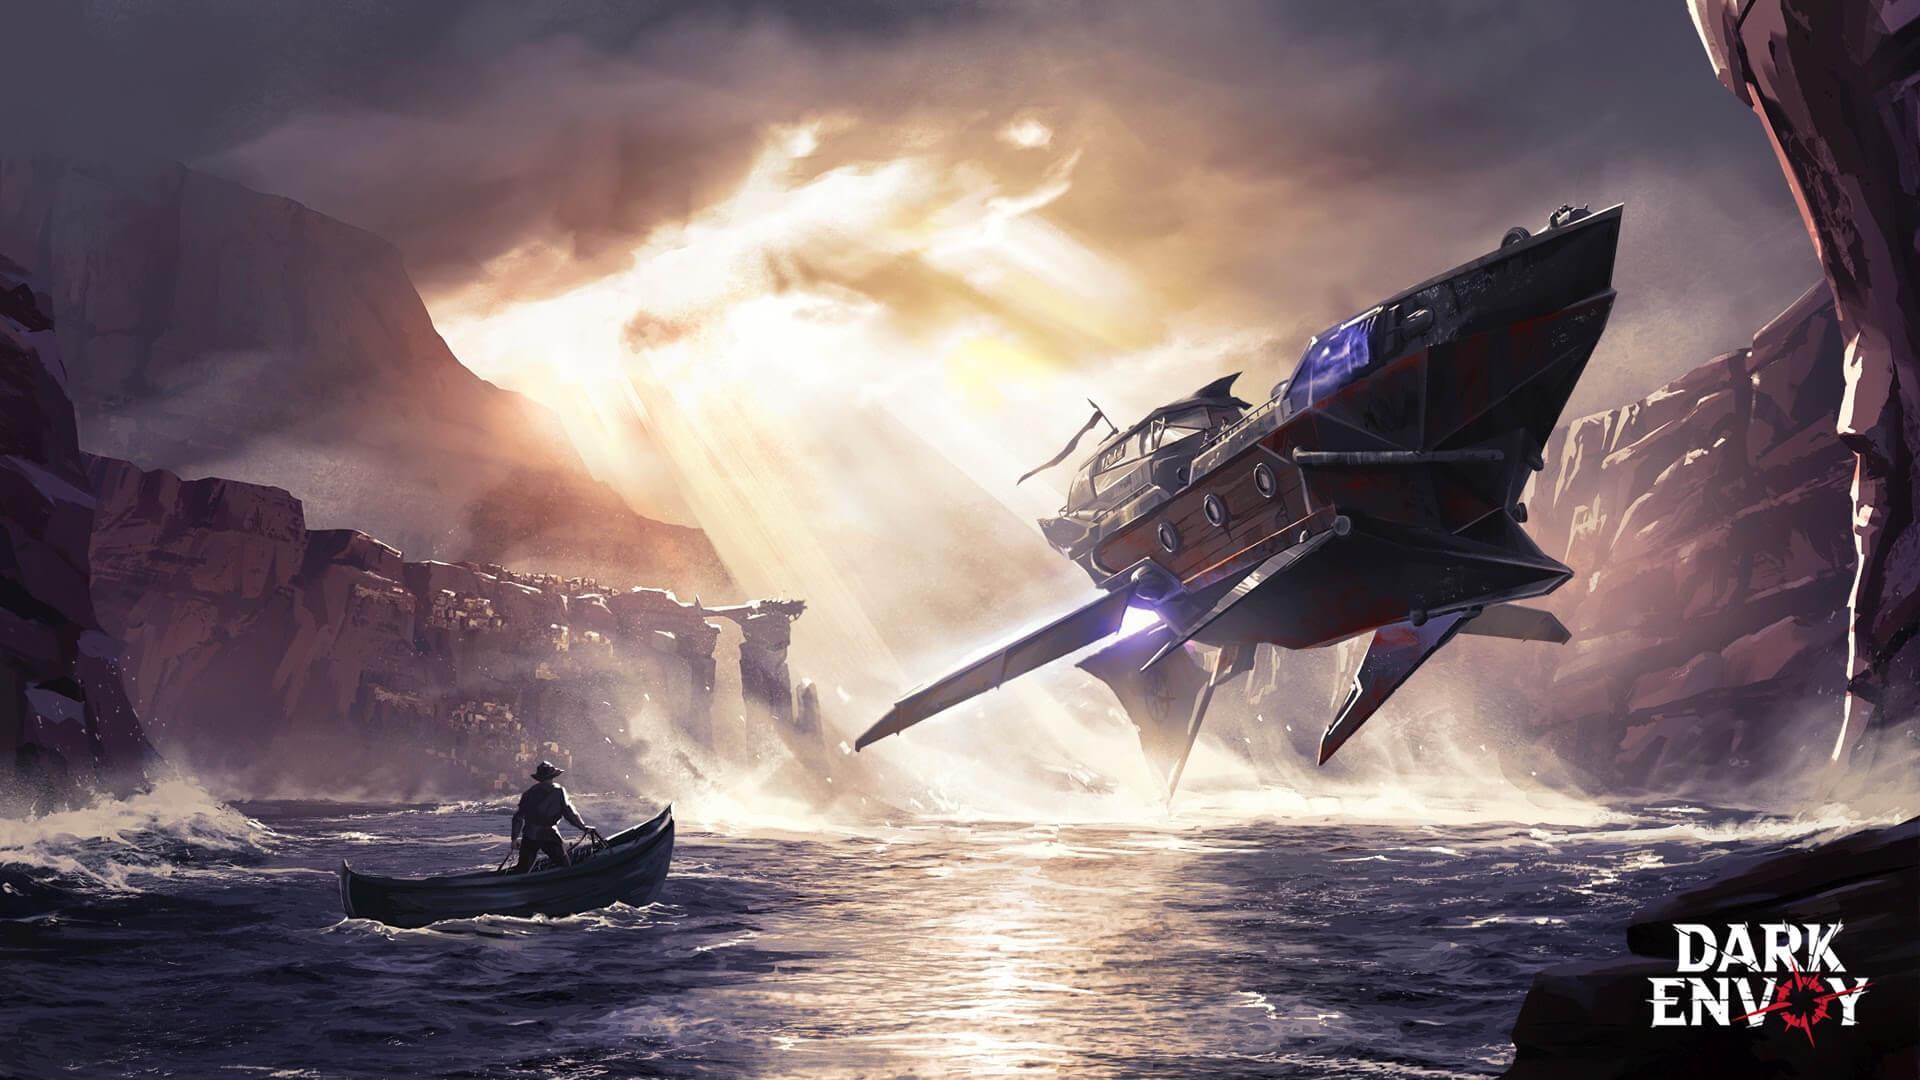 Dark Envoy Skyship